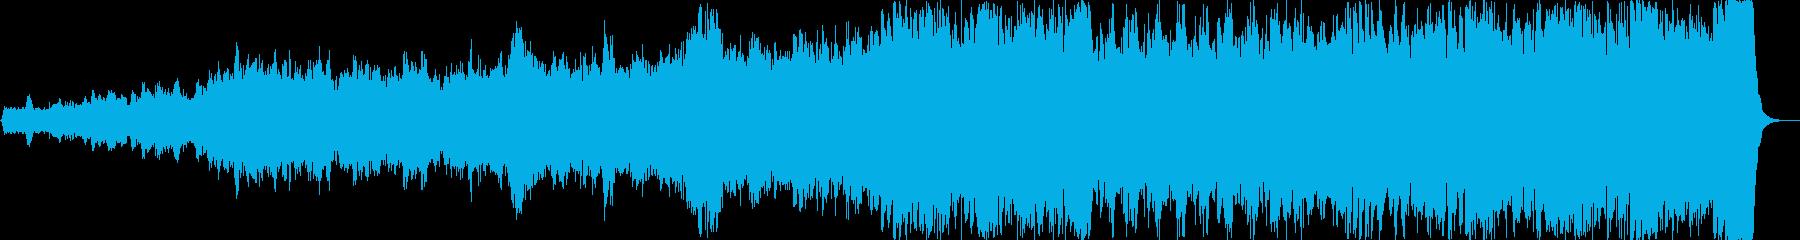 巨大プロジェクト始動!壮大な交響的序曲の再生済みの波形